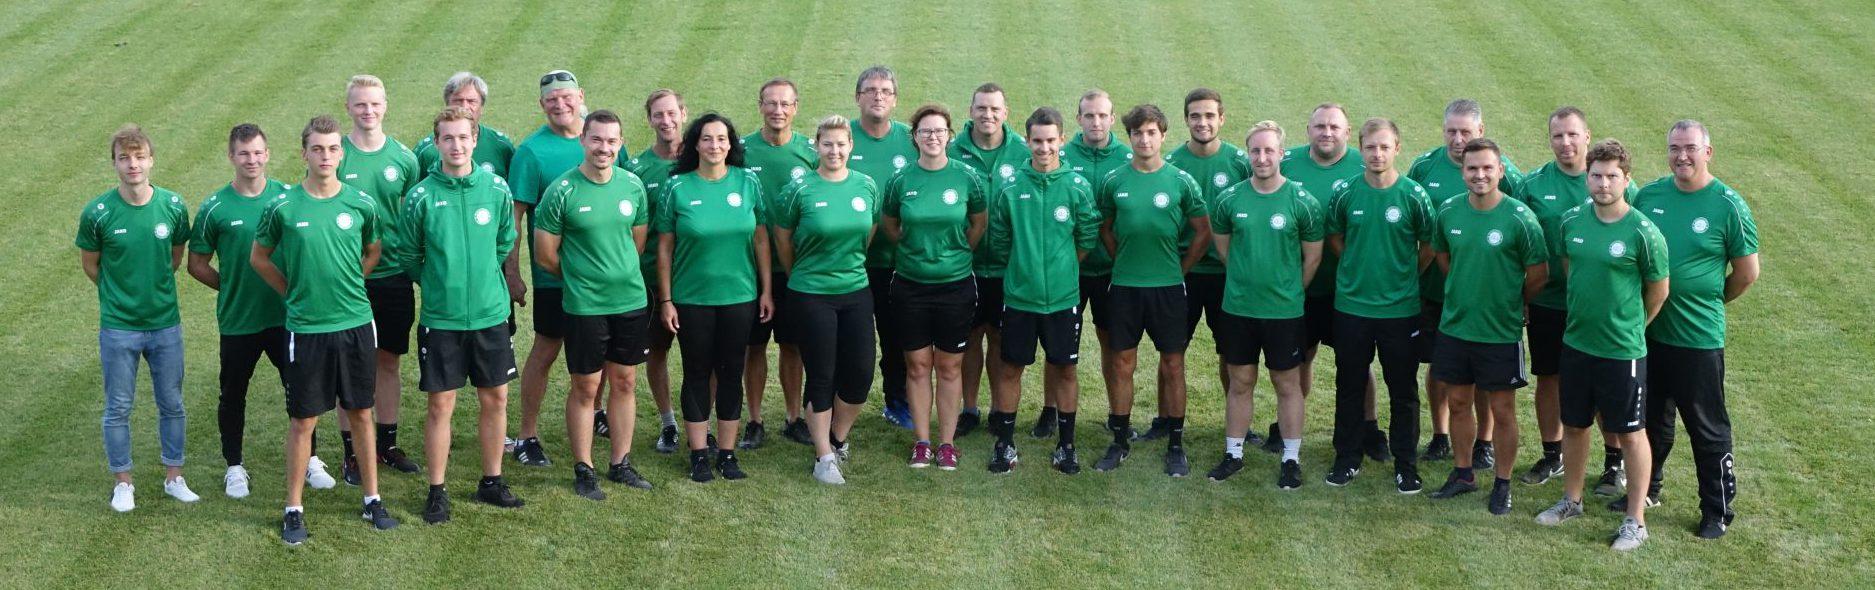 Teamfoto der Trainer des SV Eintracht Leipzig Sued